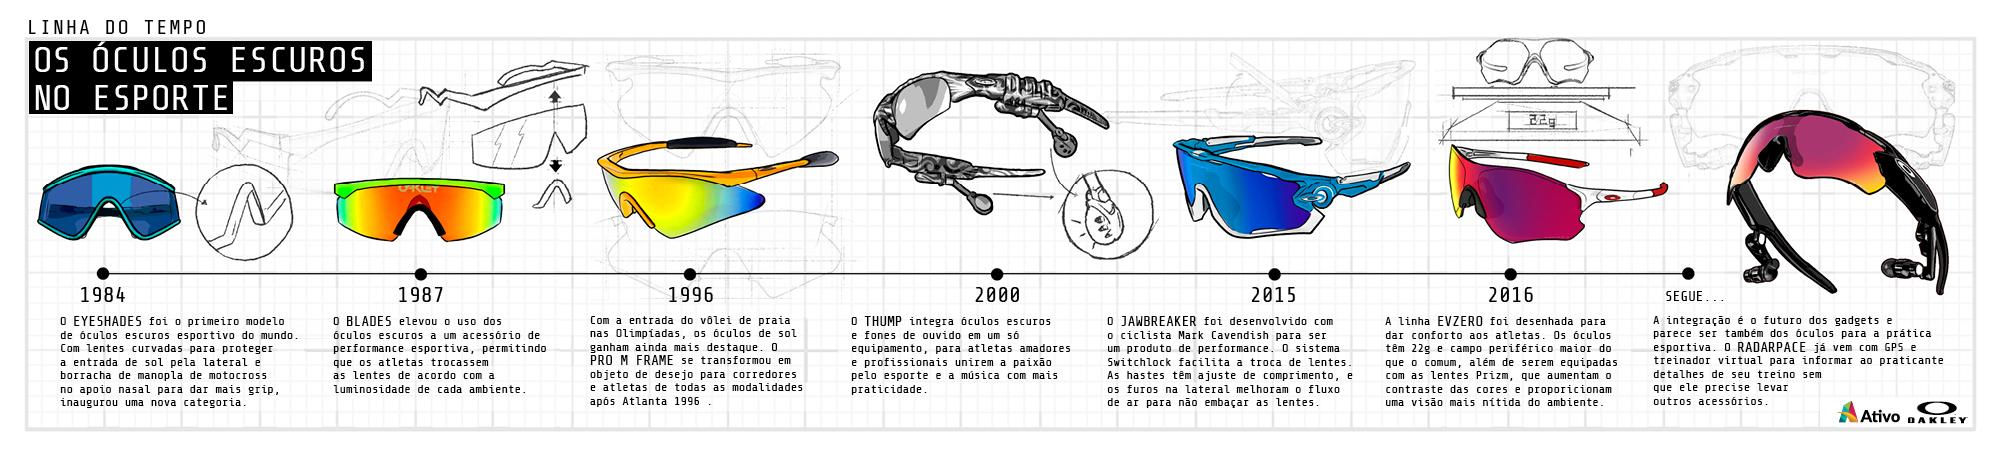 3e580fd52 Nas décadas que se seguiram, os óculos escuros tornaram-se, de fato, parte  integrante do equipamento de treino e competição de amadores e  profissionais.